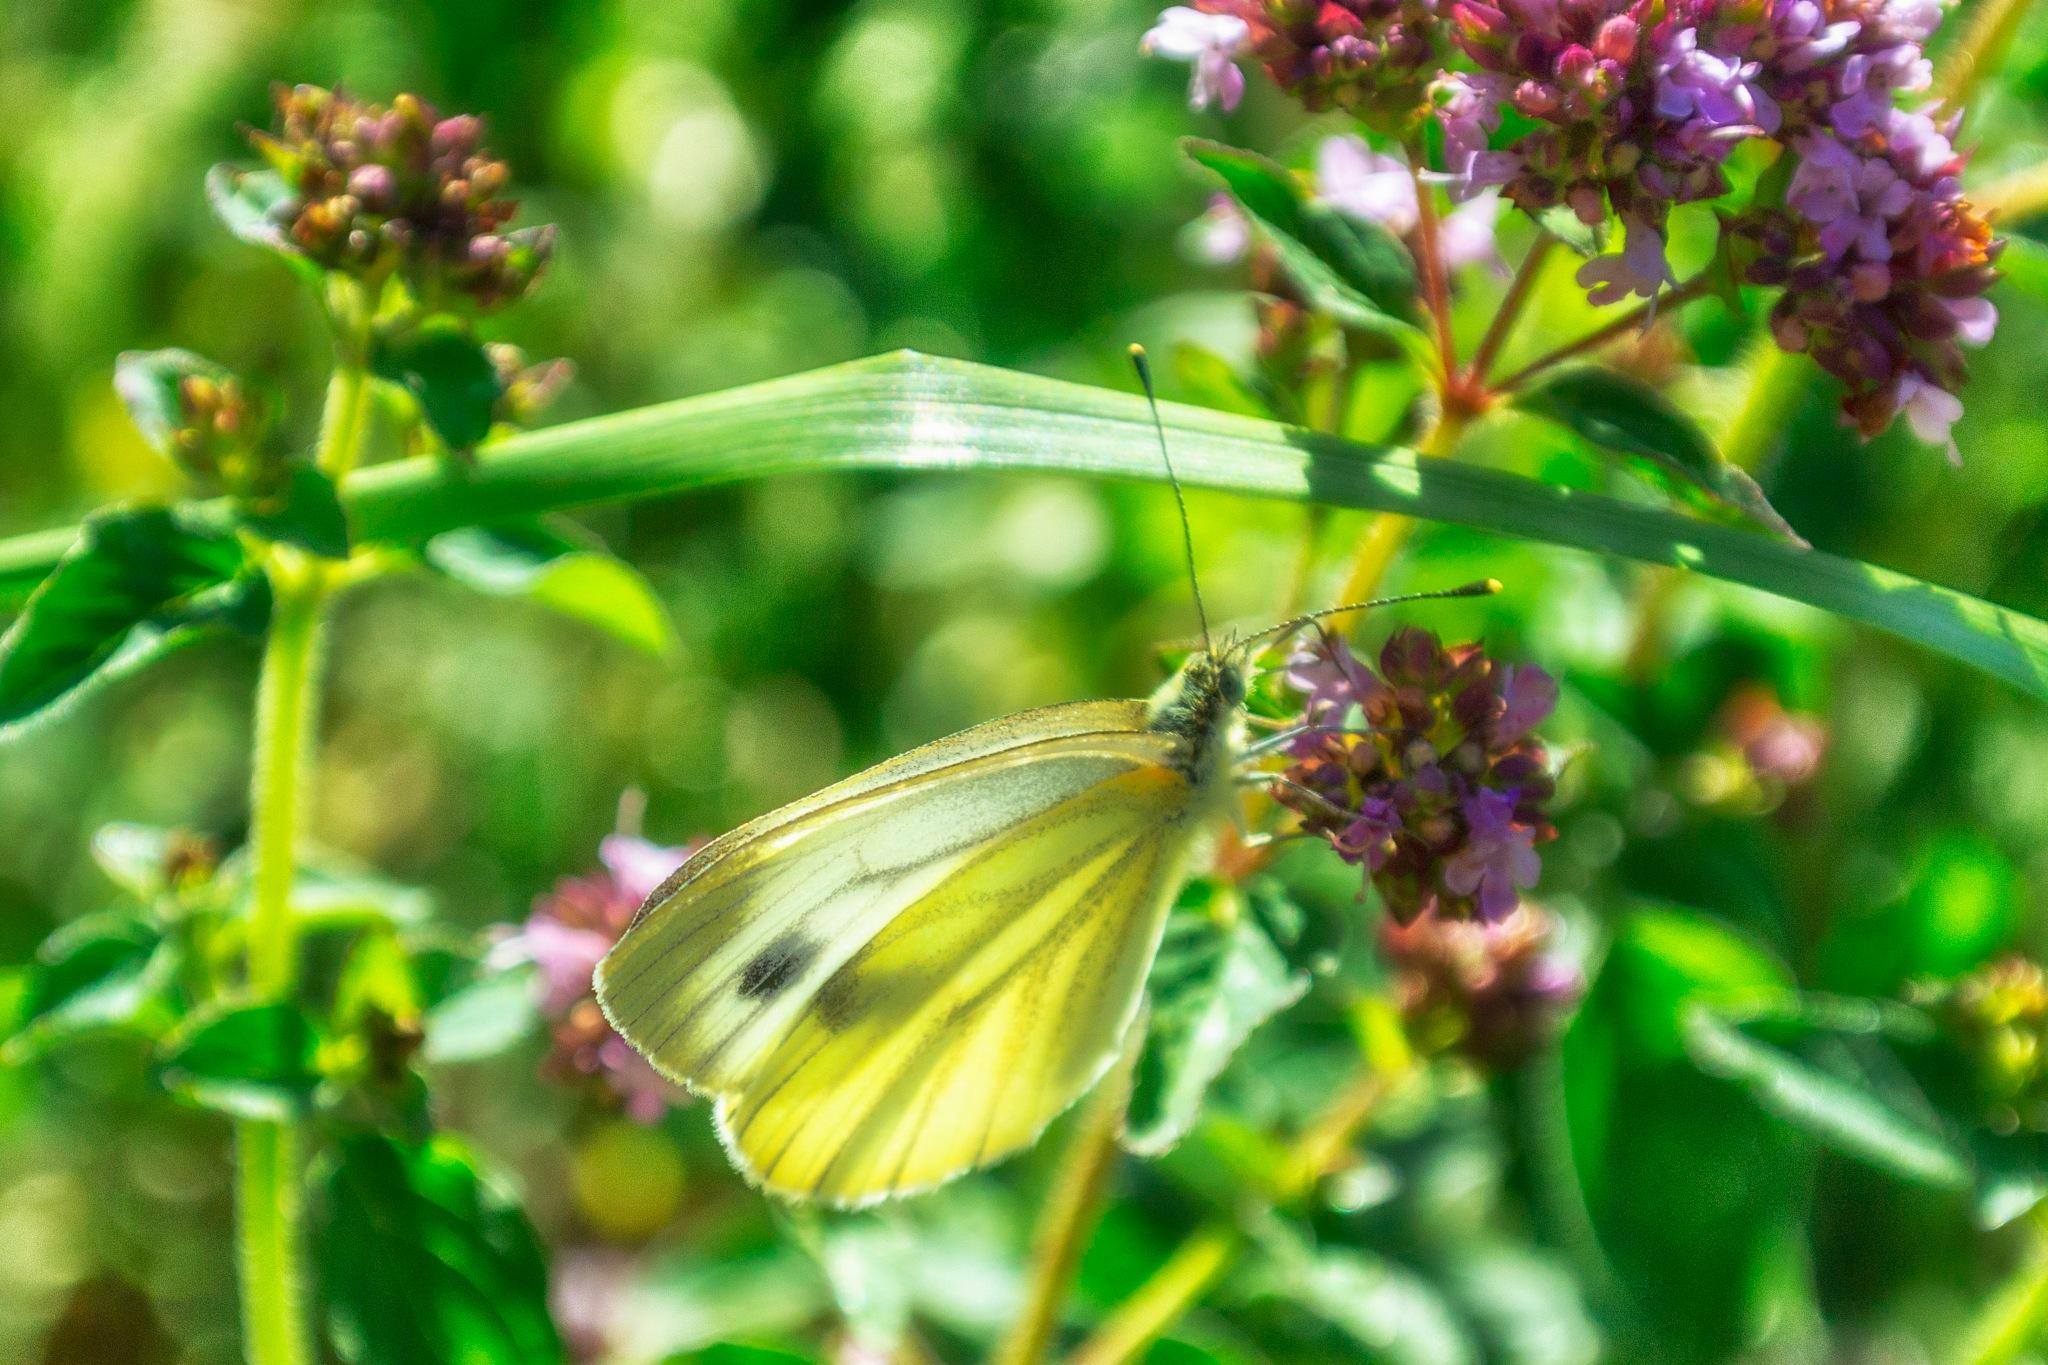 Butterfly II by carljan w carlsson